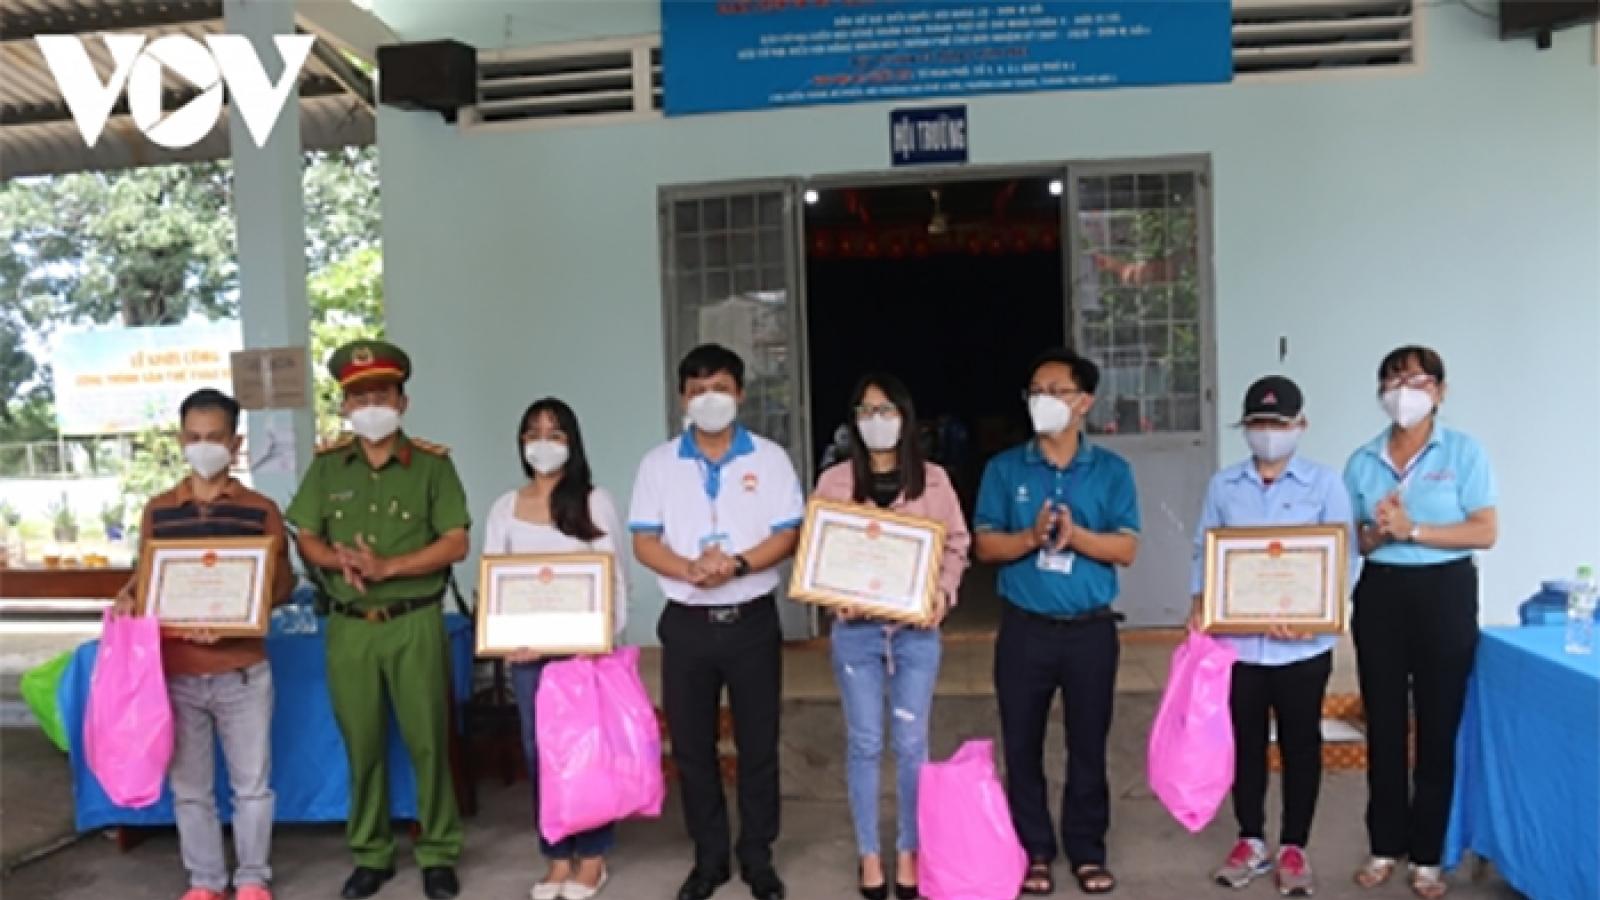 Hơn 1.300 hộ dân khó khăn ở phường Linh Trung từ chối nhận hỗ trợ của TP.HCM